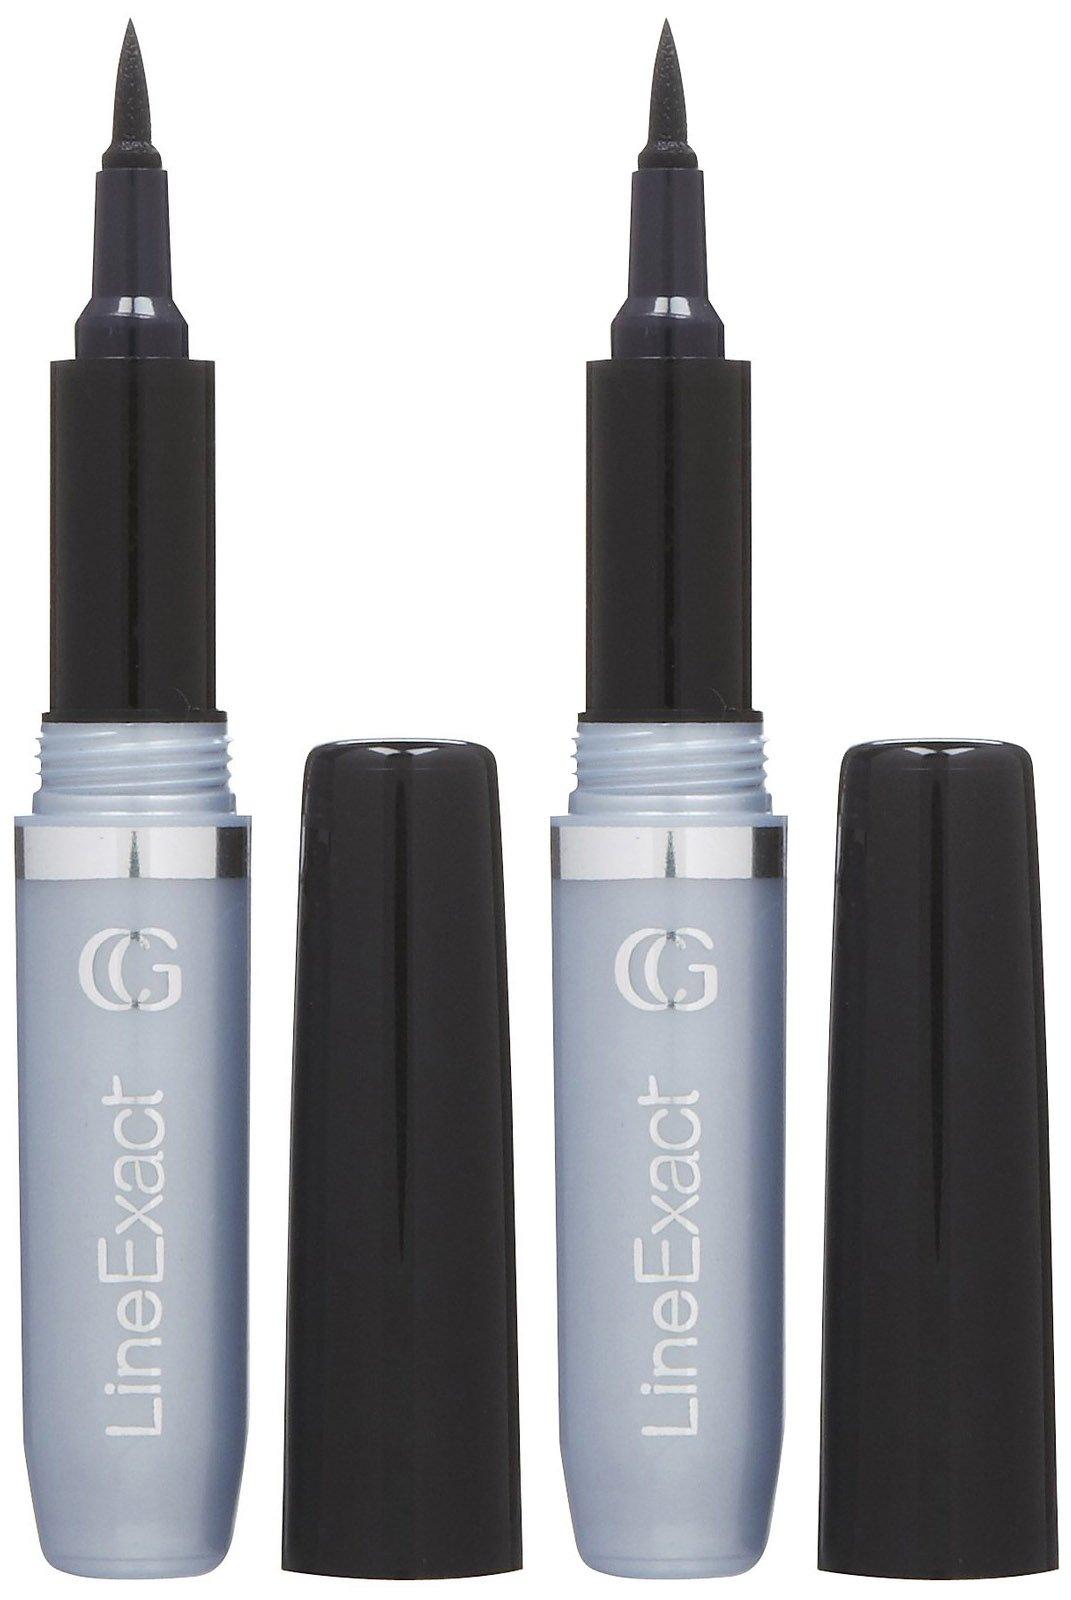 theonechameleon: Covergirl LineExact Liquid Eyeliner review!